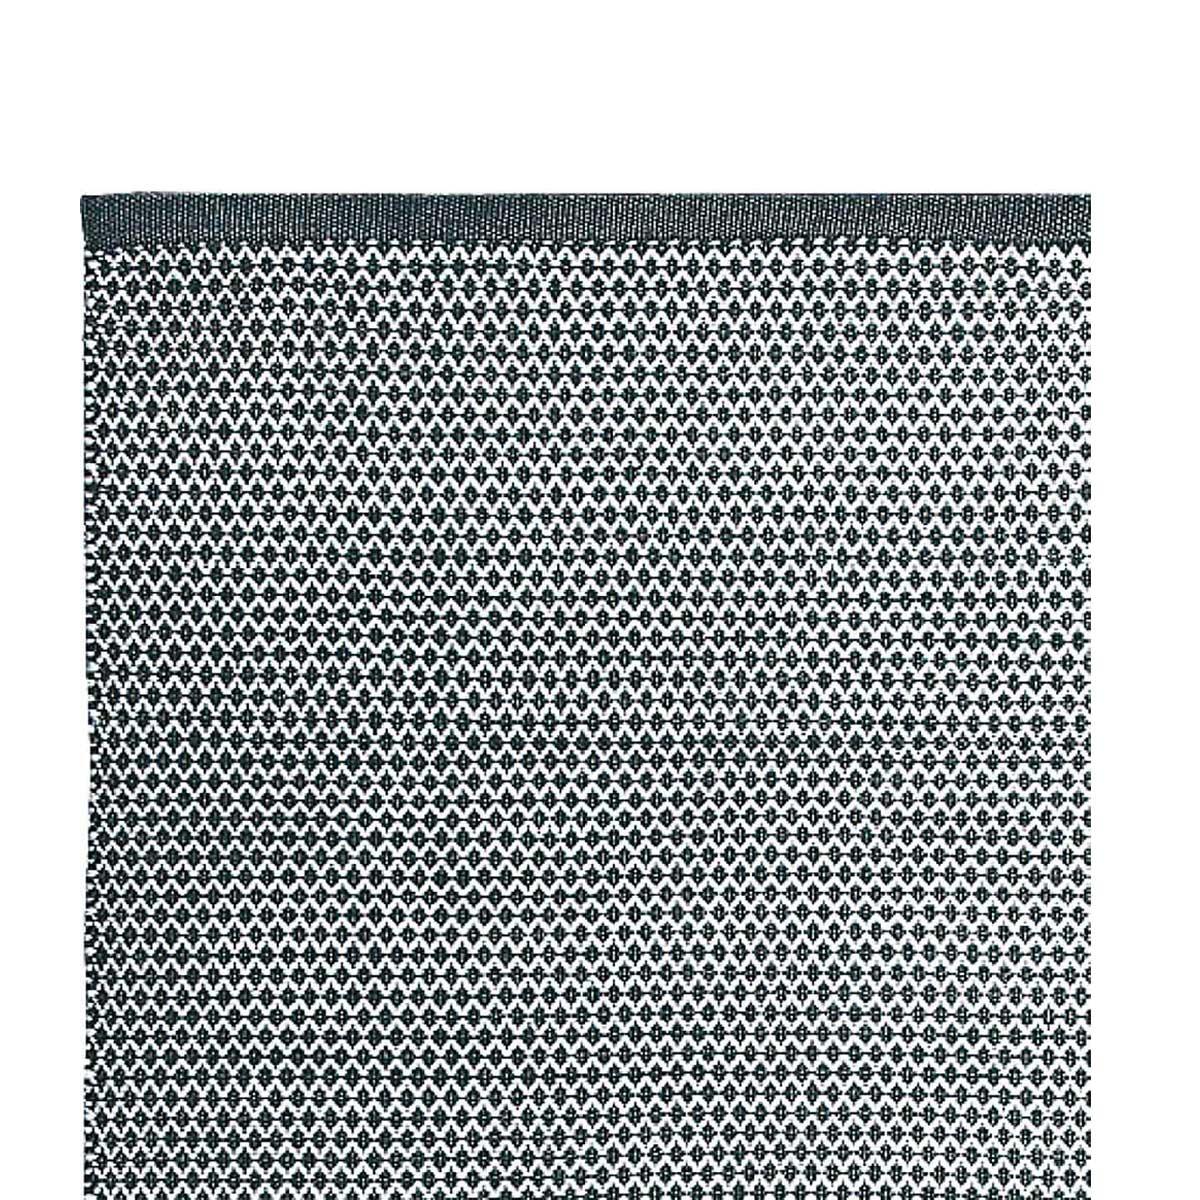 Full Size of Teppich Schwarz Weiß Lufer Poly Miami Wei 60x90 Von Liv Interior Esstisch Hochglanz Regal Weißer Bett 100x200 Bad Weißes Schlafzimmer 200x200 Steinteppich Wohnzimmer Teppich Schwarz Weiß